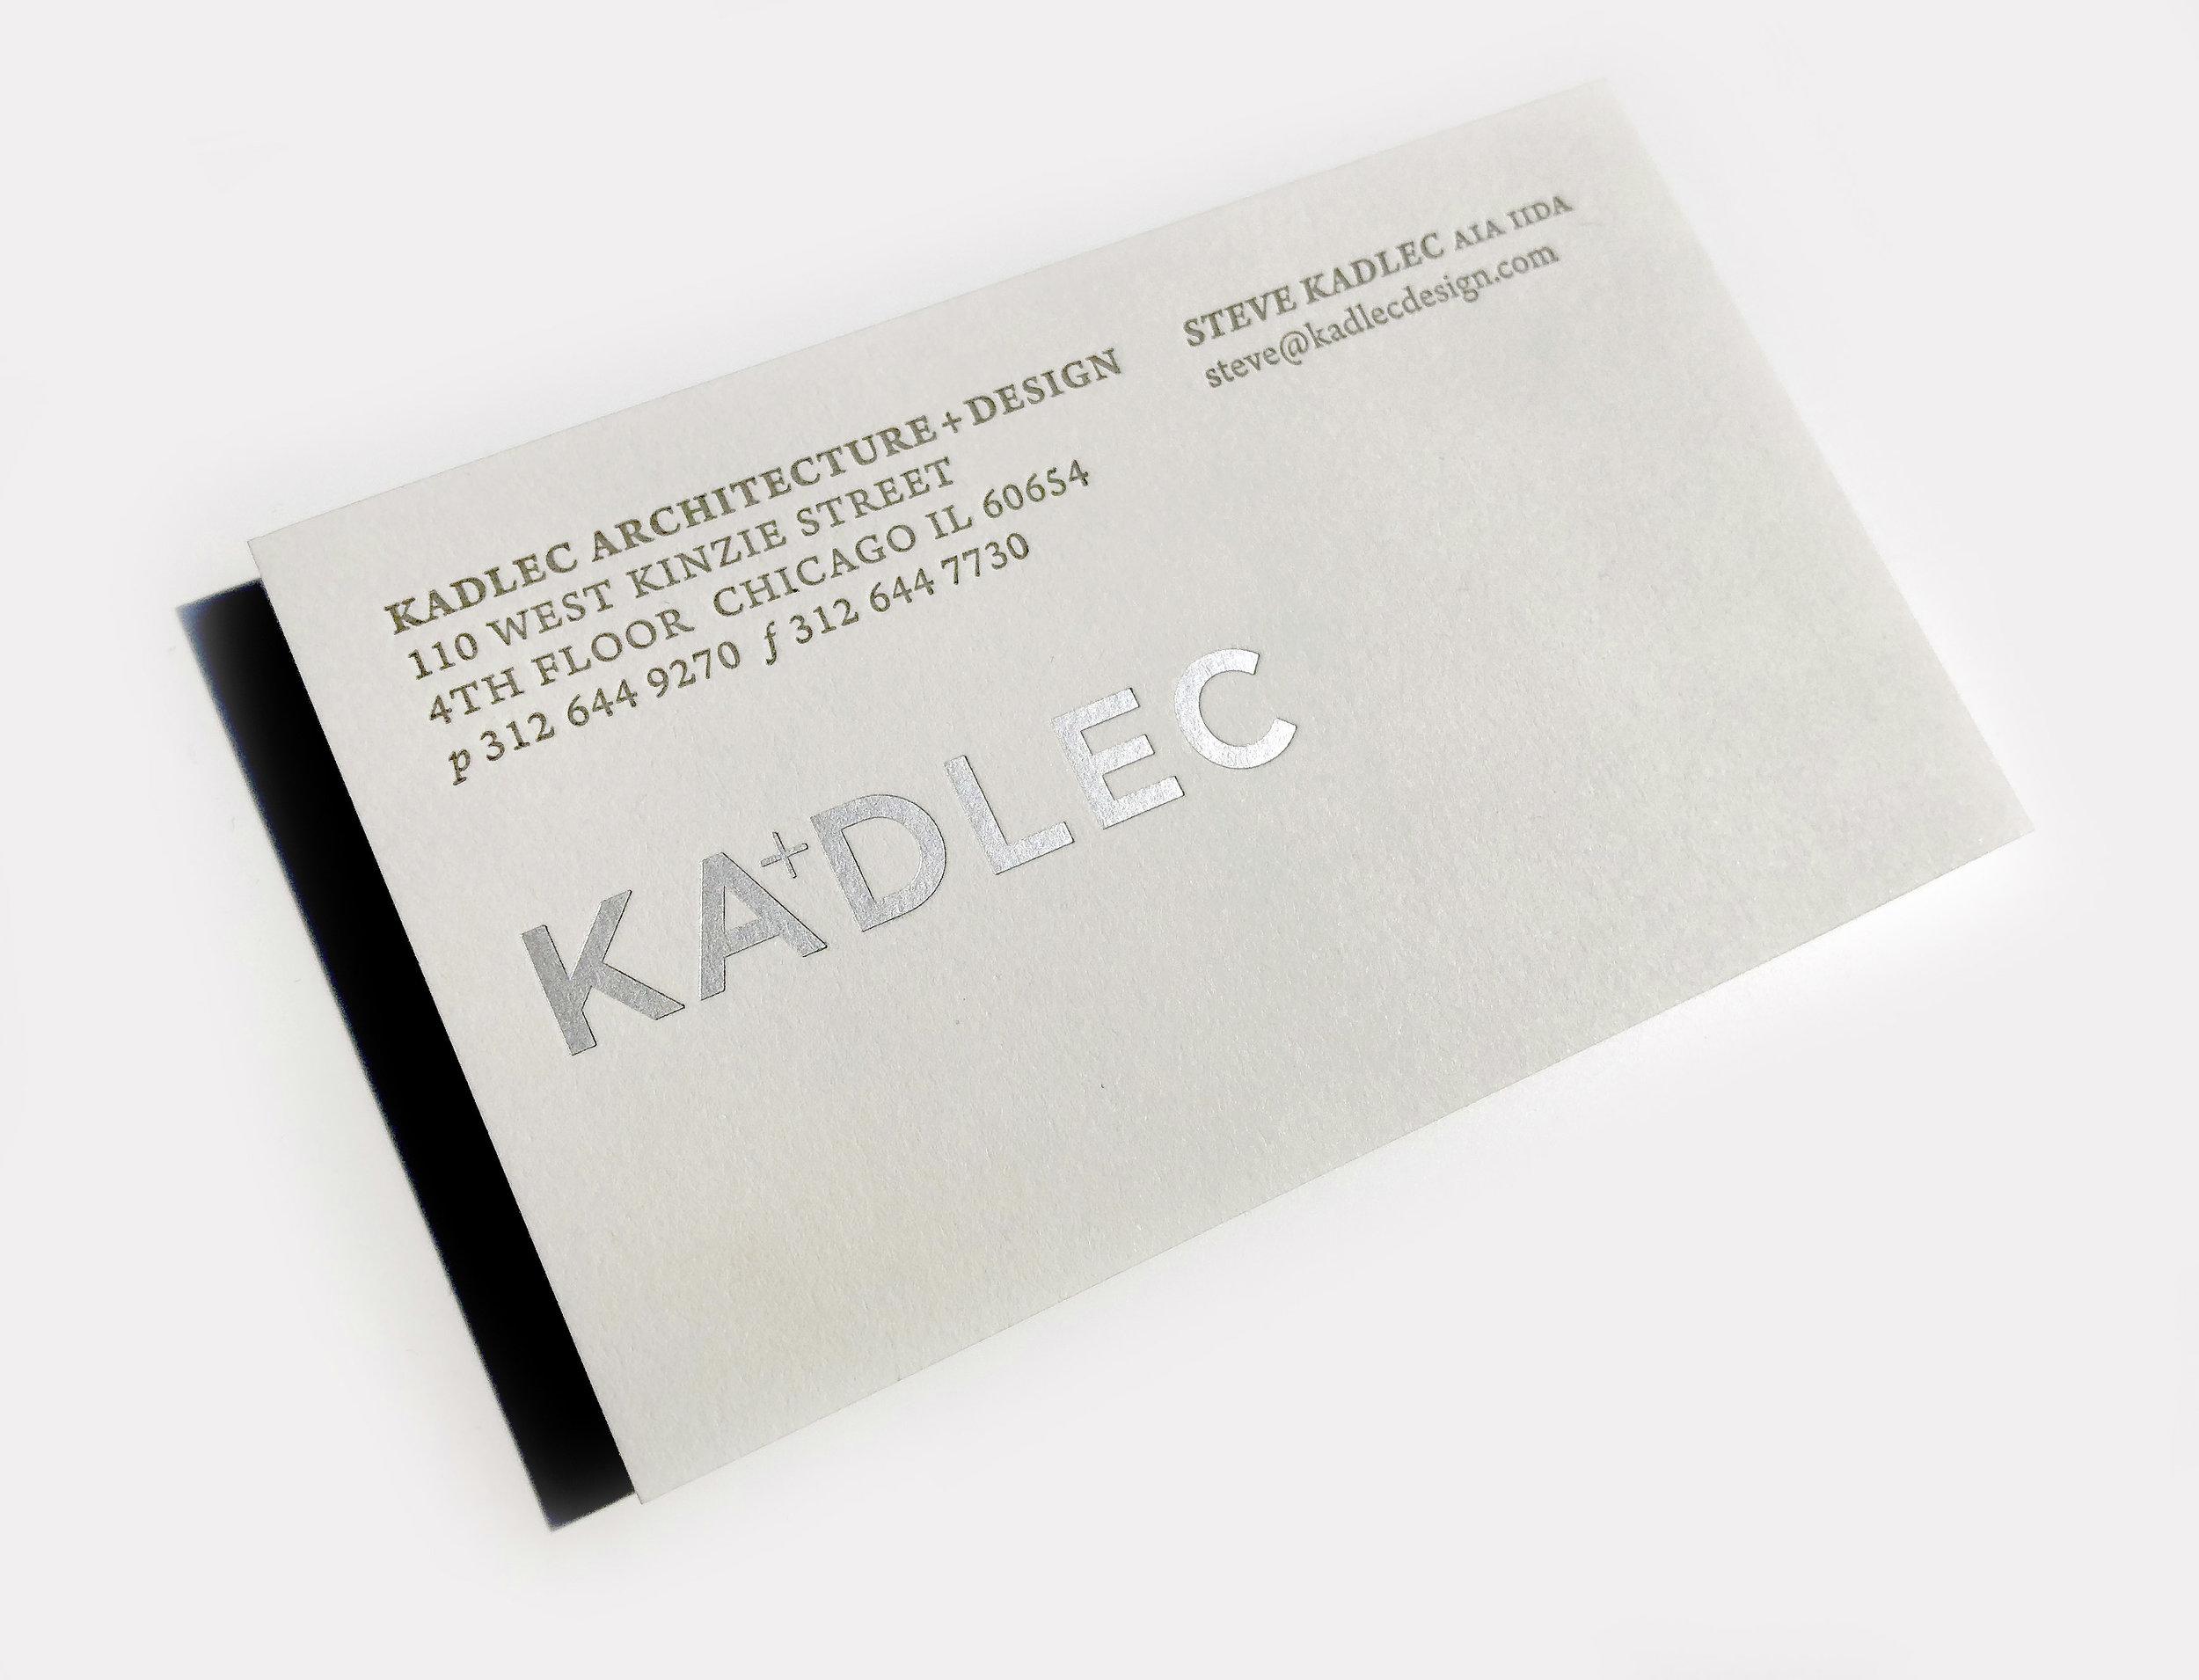 sparc_kadlec_b_card.jpg